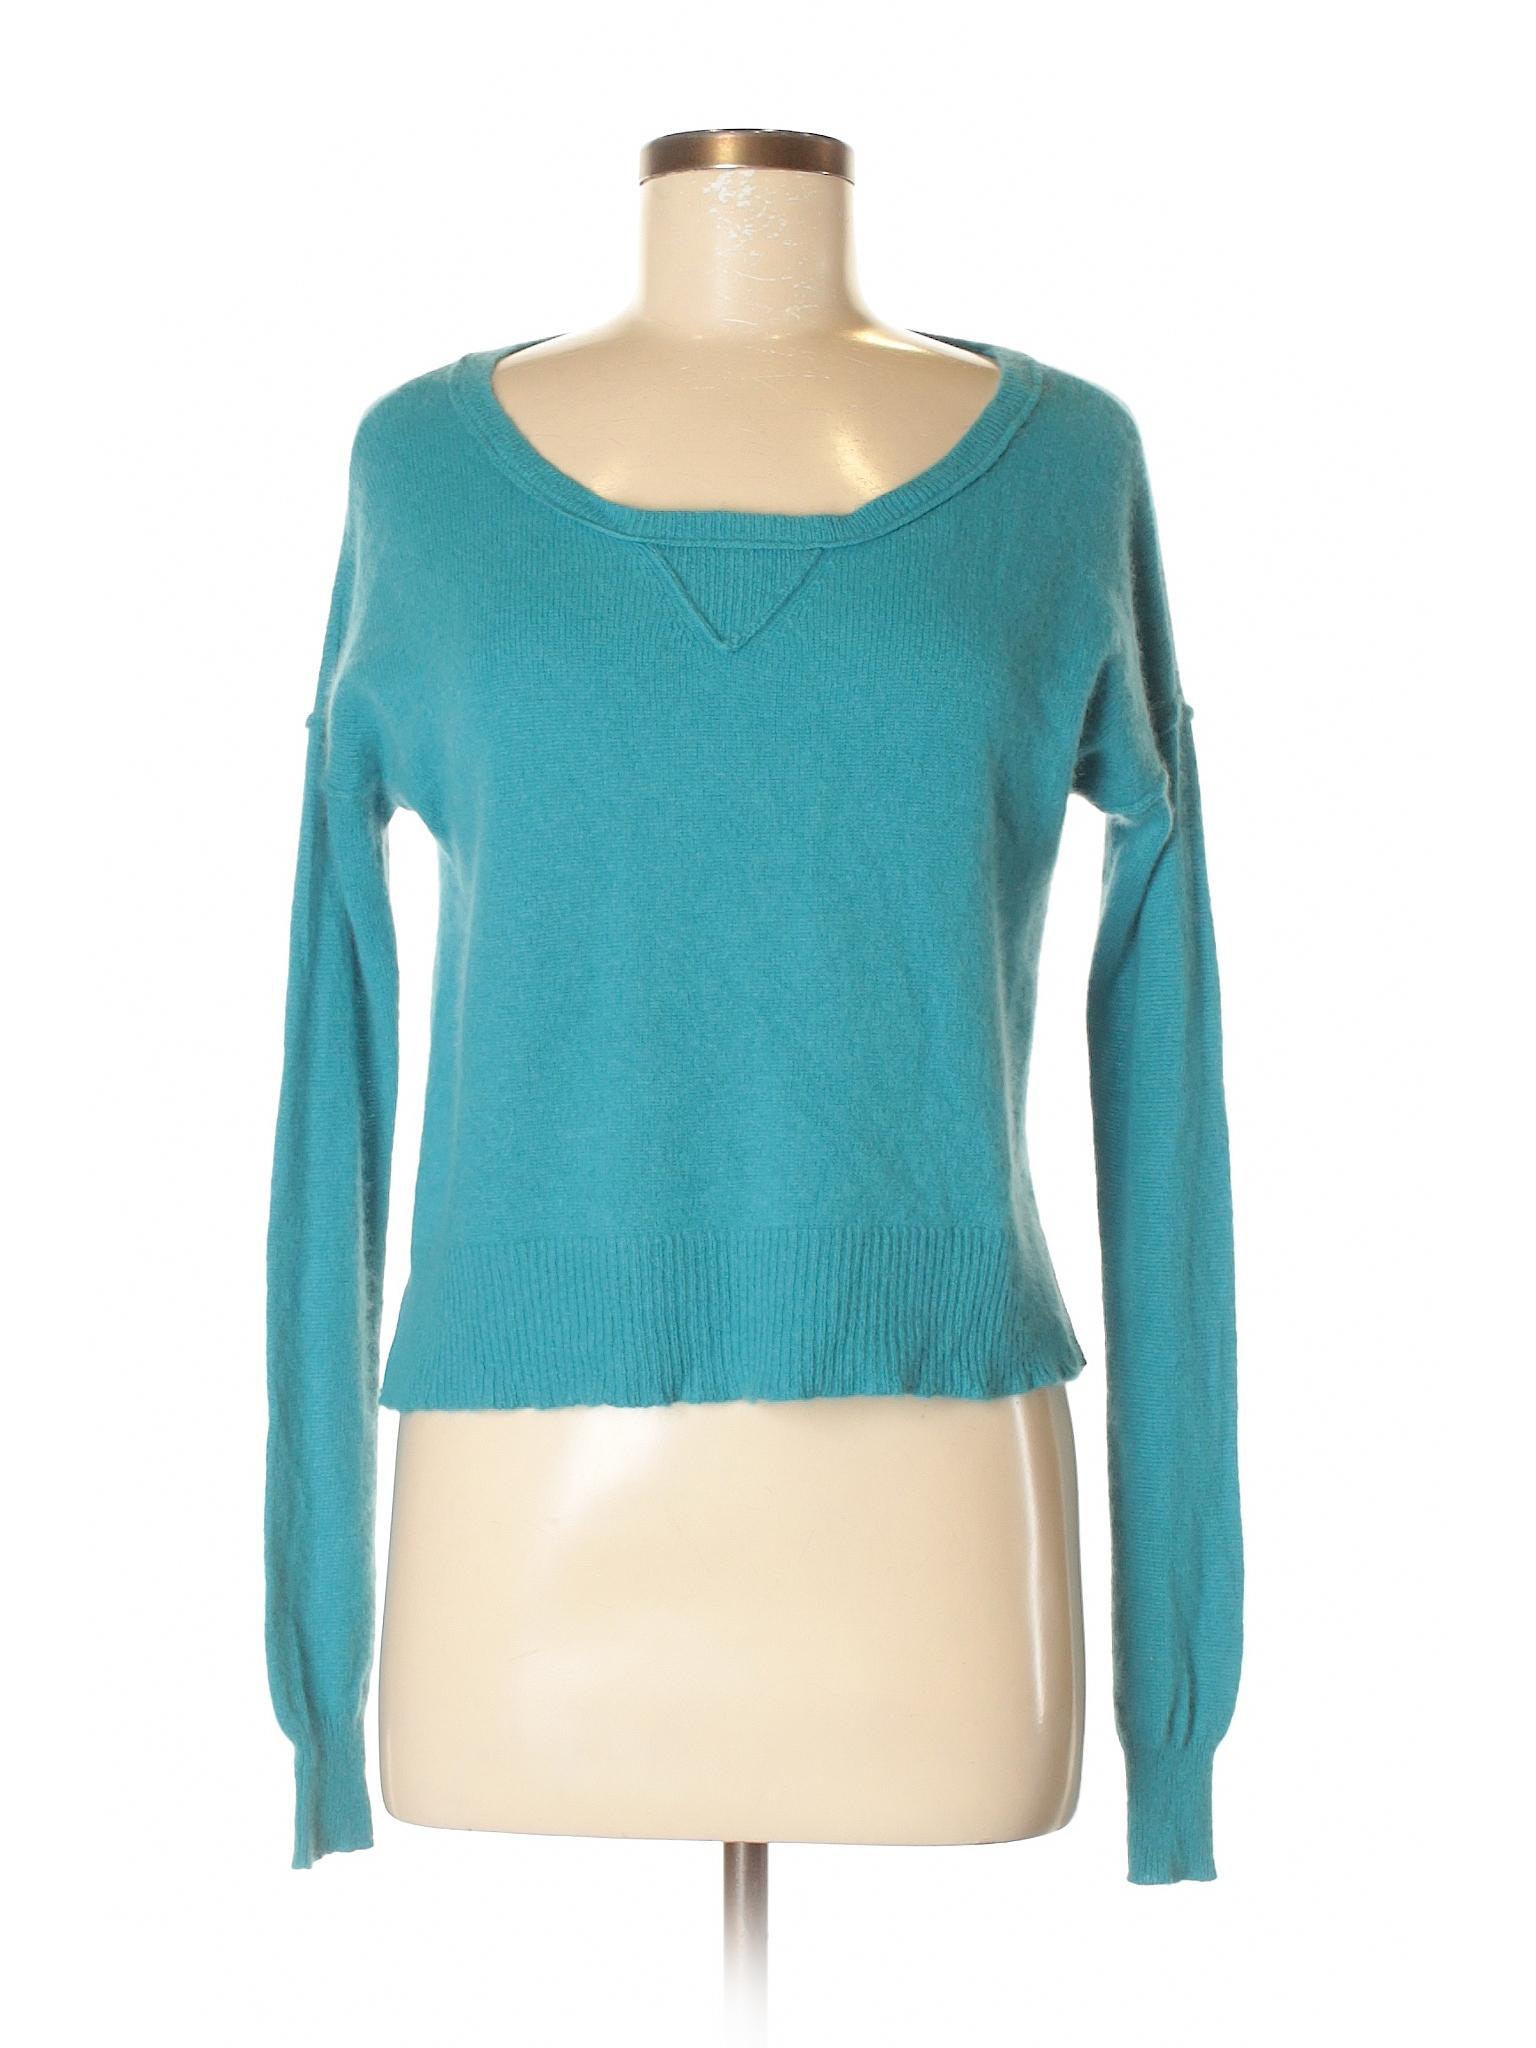 Boutique Boutique 360 Sweater 360 Cashmere Pullover dUqOwdx85